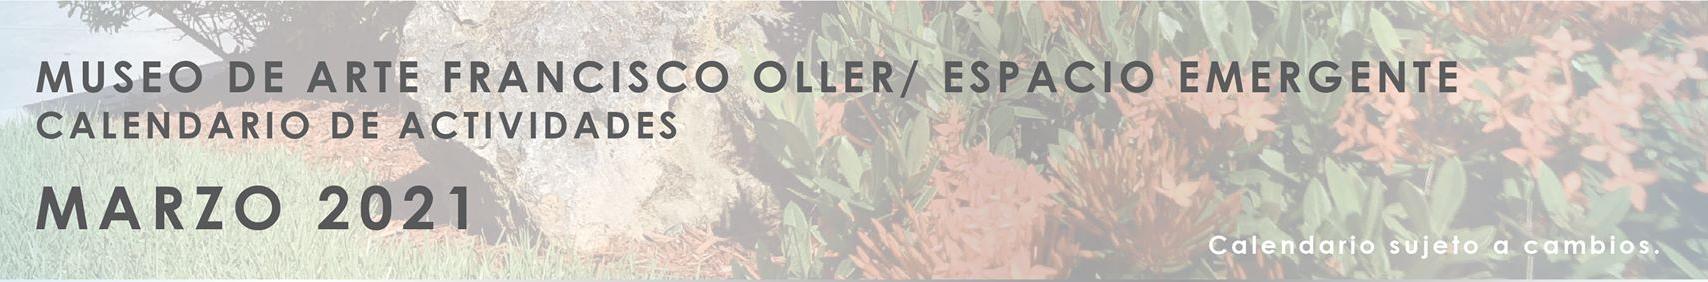 Calendario de Actividades para Espacio Emergente y Museo Francisco Oller Mes de Marzo